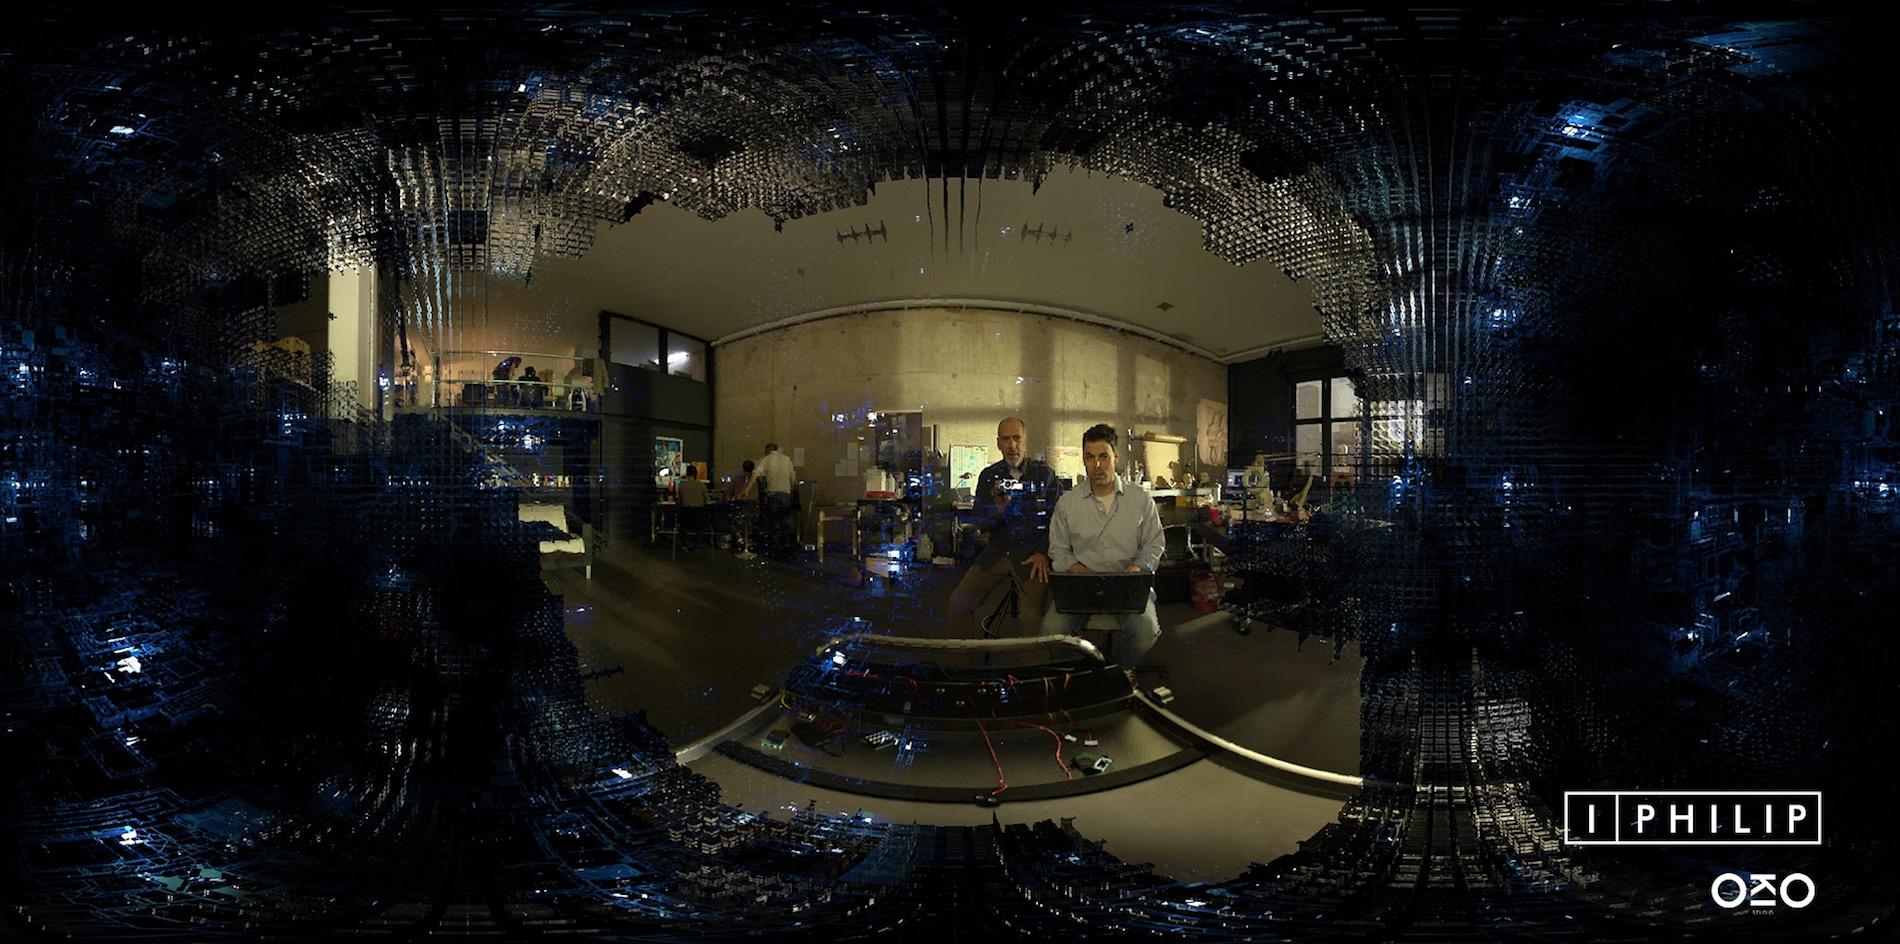 I, Philip - En bref, une bonne exploitation de la Réalité Virtuelle.